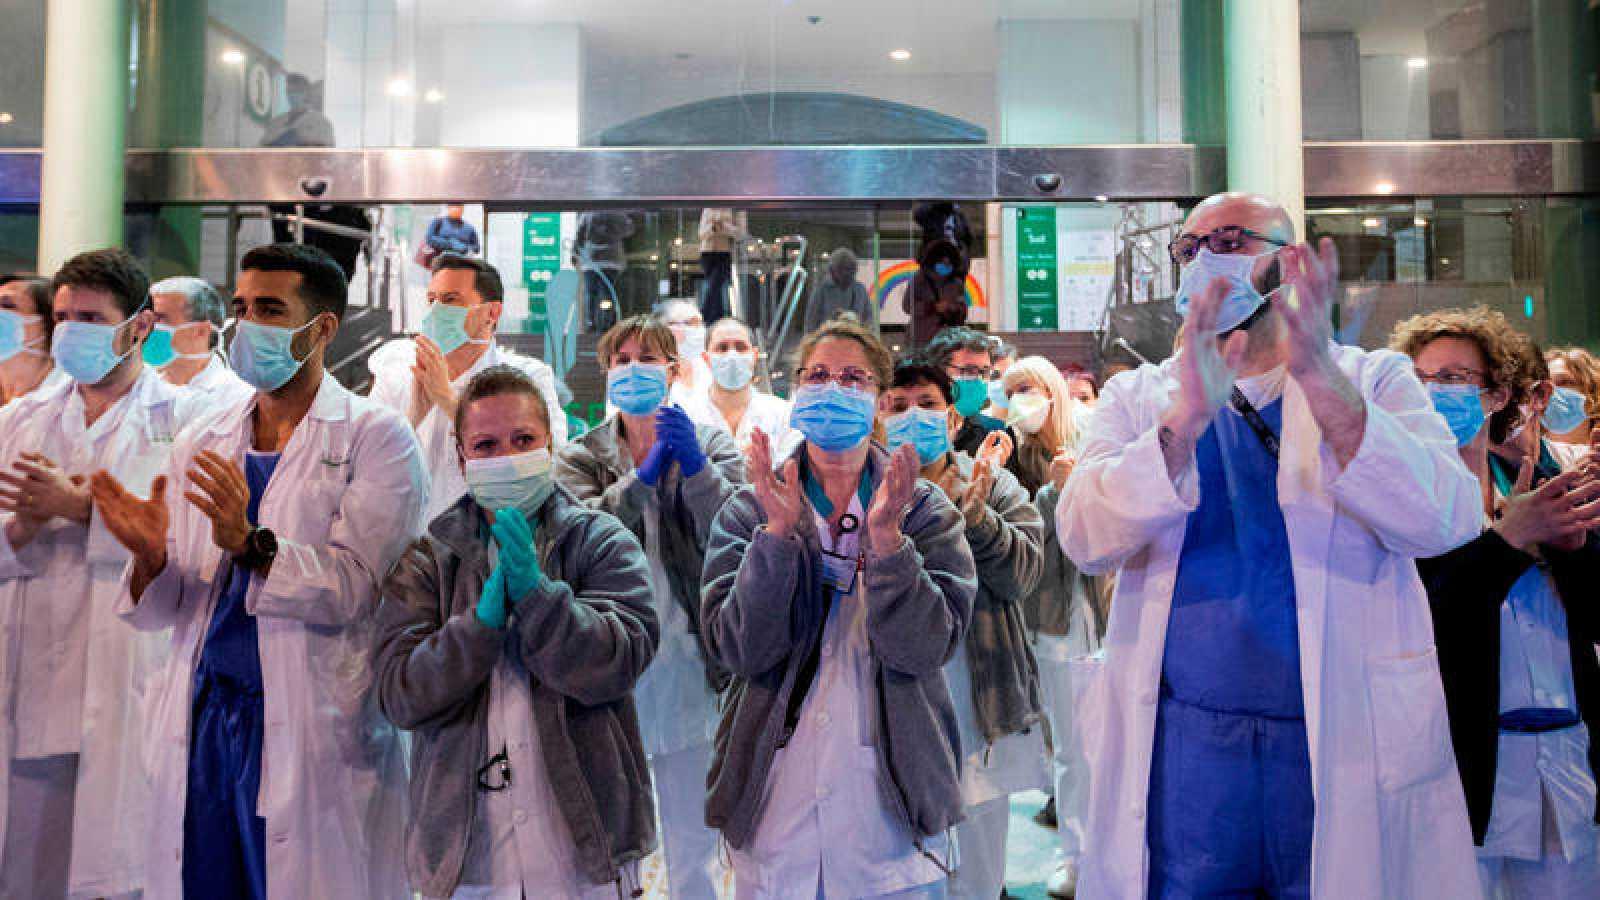 La sanidad irrumpió como tercera preocupación de los españoles justo ante de la declaración de alarma por la pandemia del coronavirus.